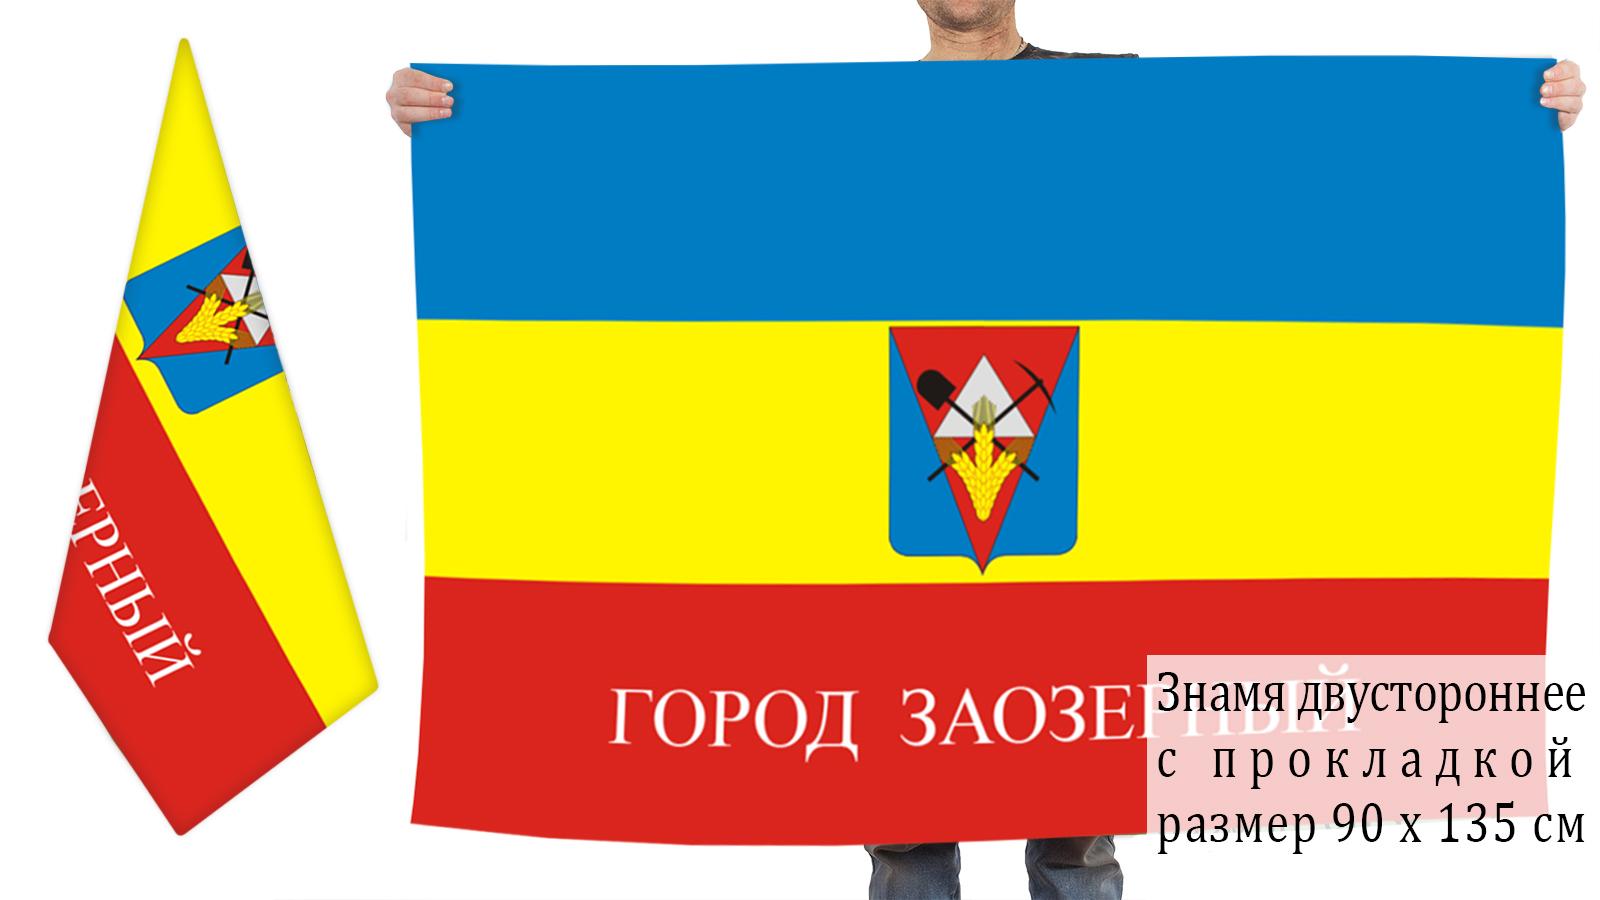 Двусторонний флаг Заозёрного